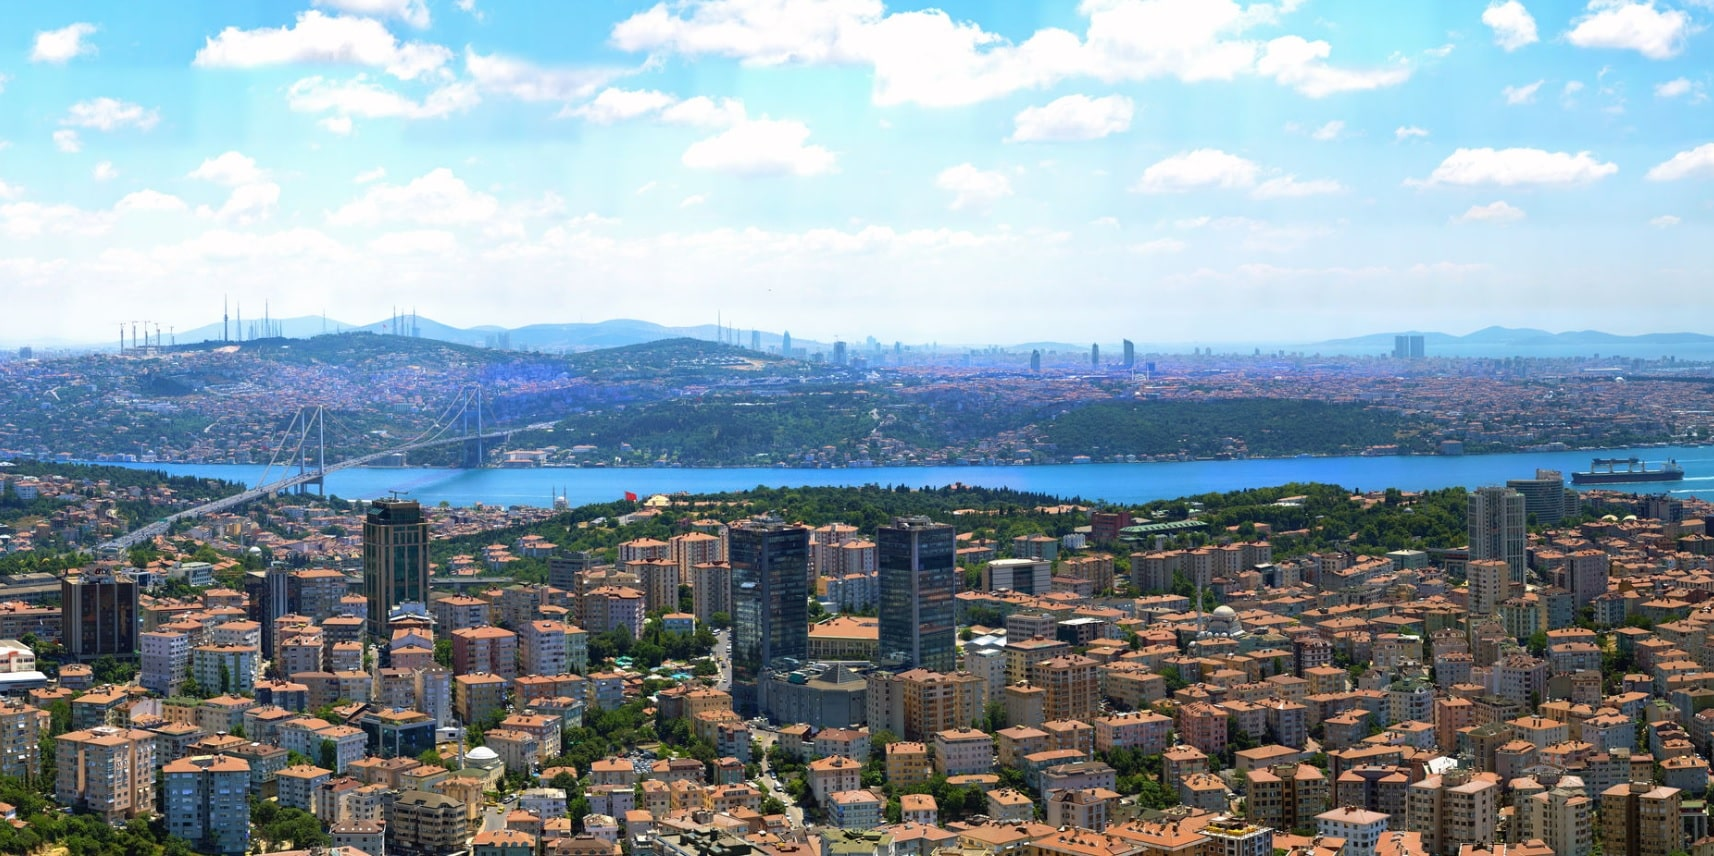 istanbul-360-derece-full-hd-goruntu-min İstanbul'un 180 Derece Devasa Görüntüsü Haberler